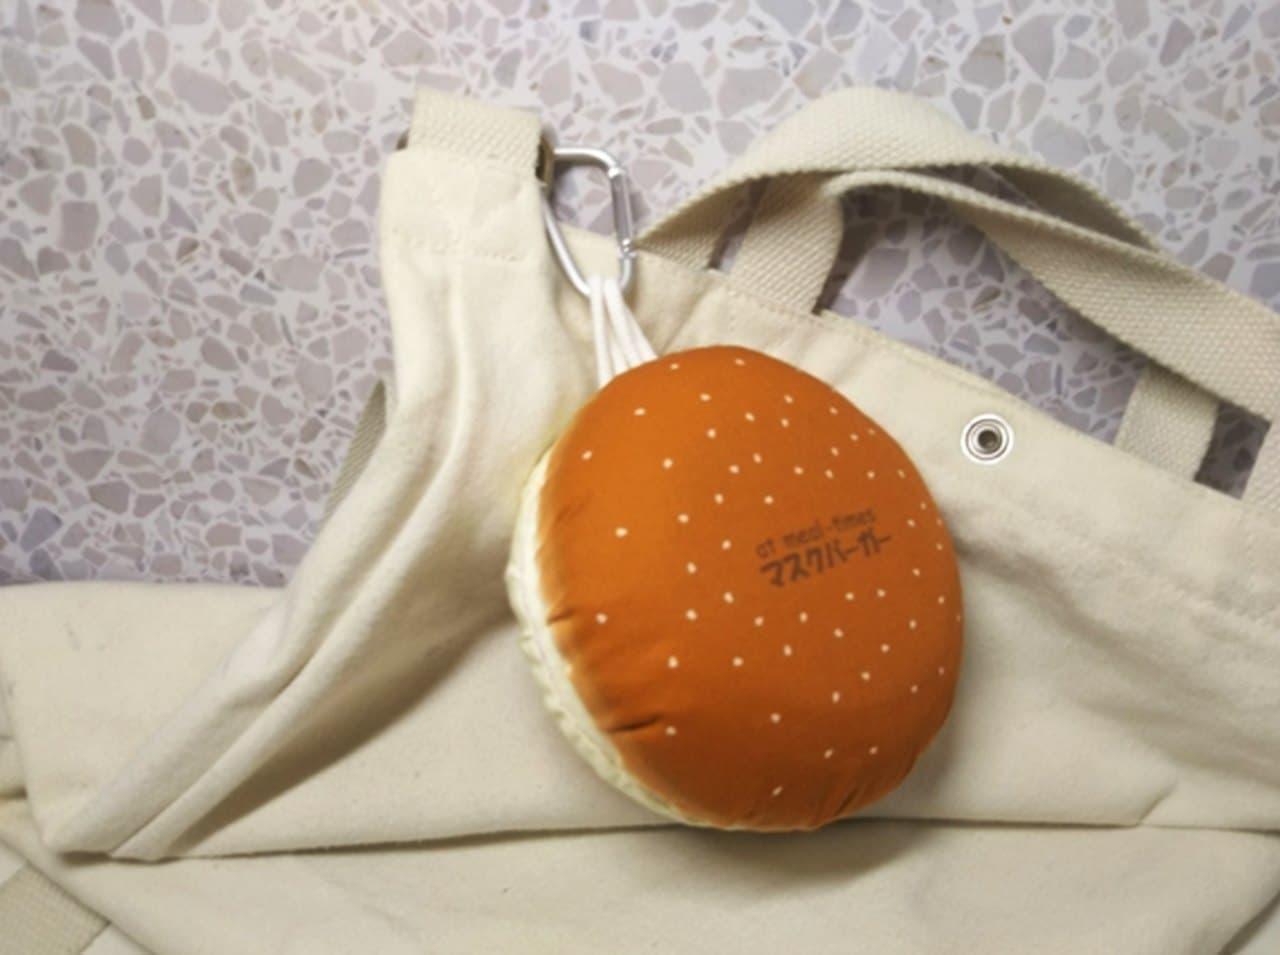 ハンバーガー型のマスク置き登場! テーブル上で自然になじむデザイン